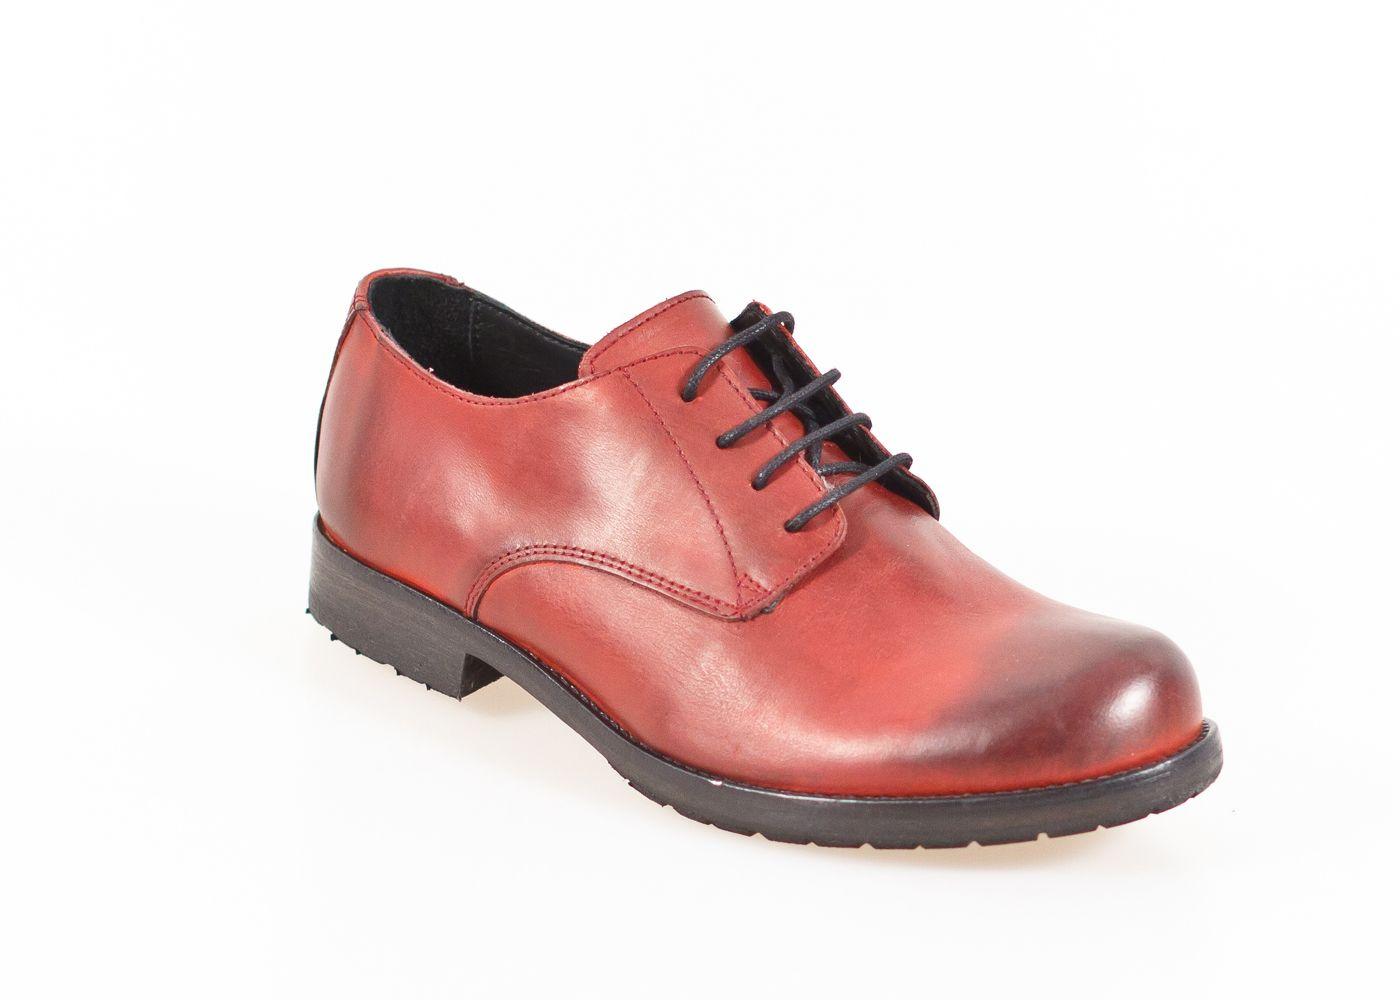 super popular 60408 366fb shoes rokin footwear_roy | Frav FW 13/14 Women's shoes